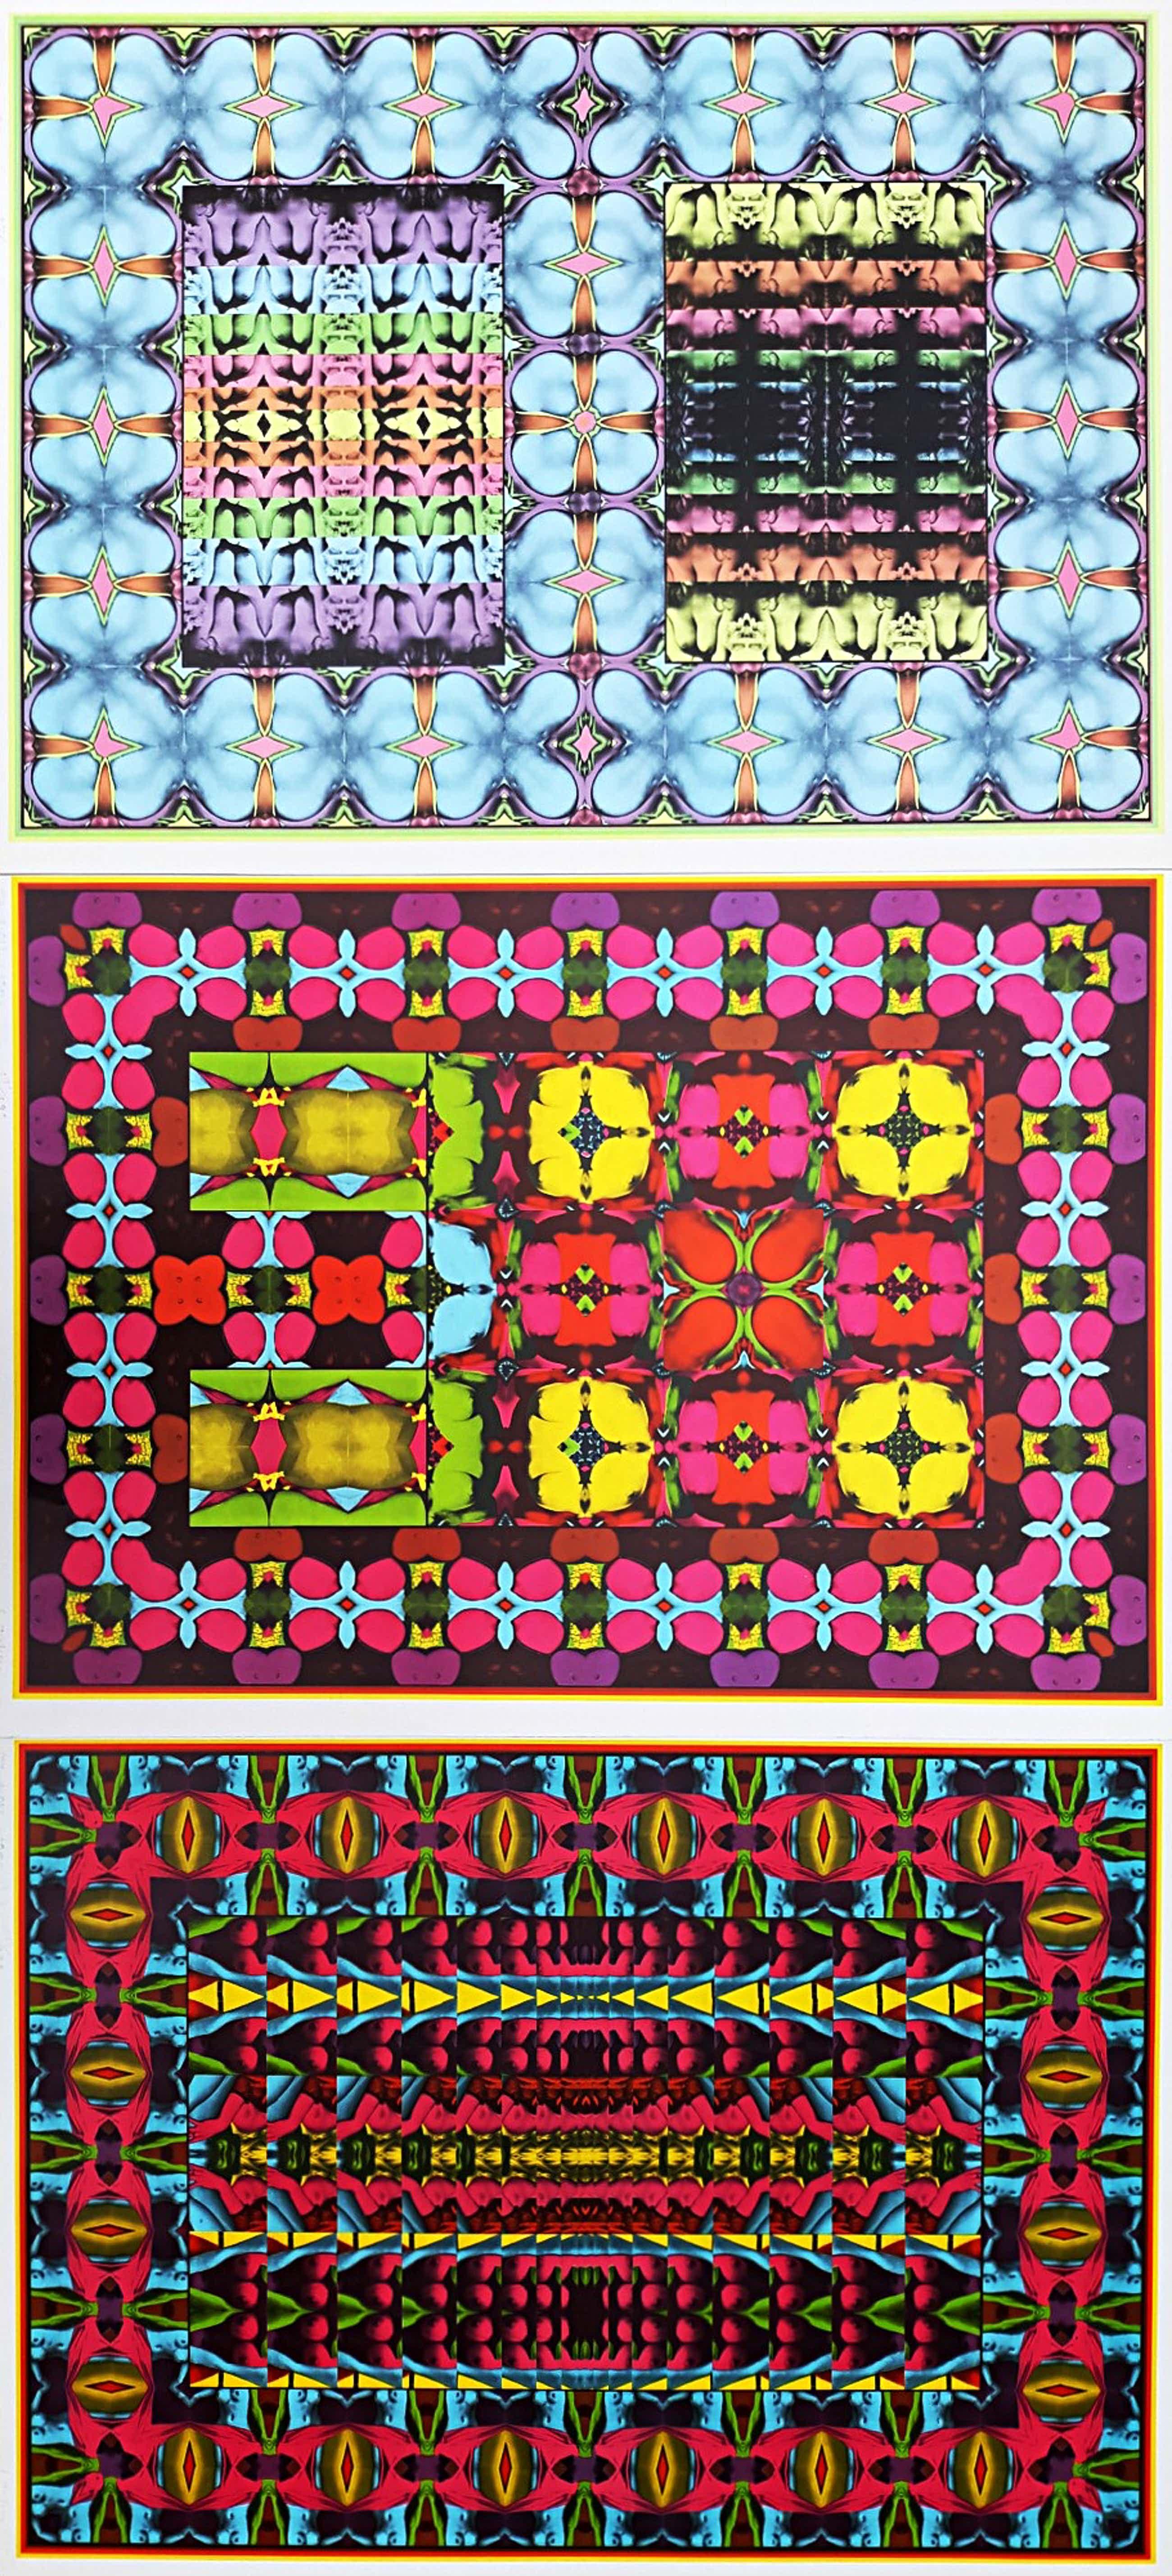 Shinkichi Tajiri - My secret garden no. 1, 2 & 3, complete serie gesigneerde offset kopen? Bied vanaf 195!